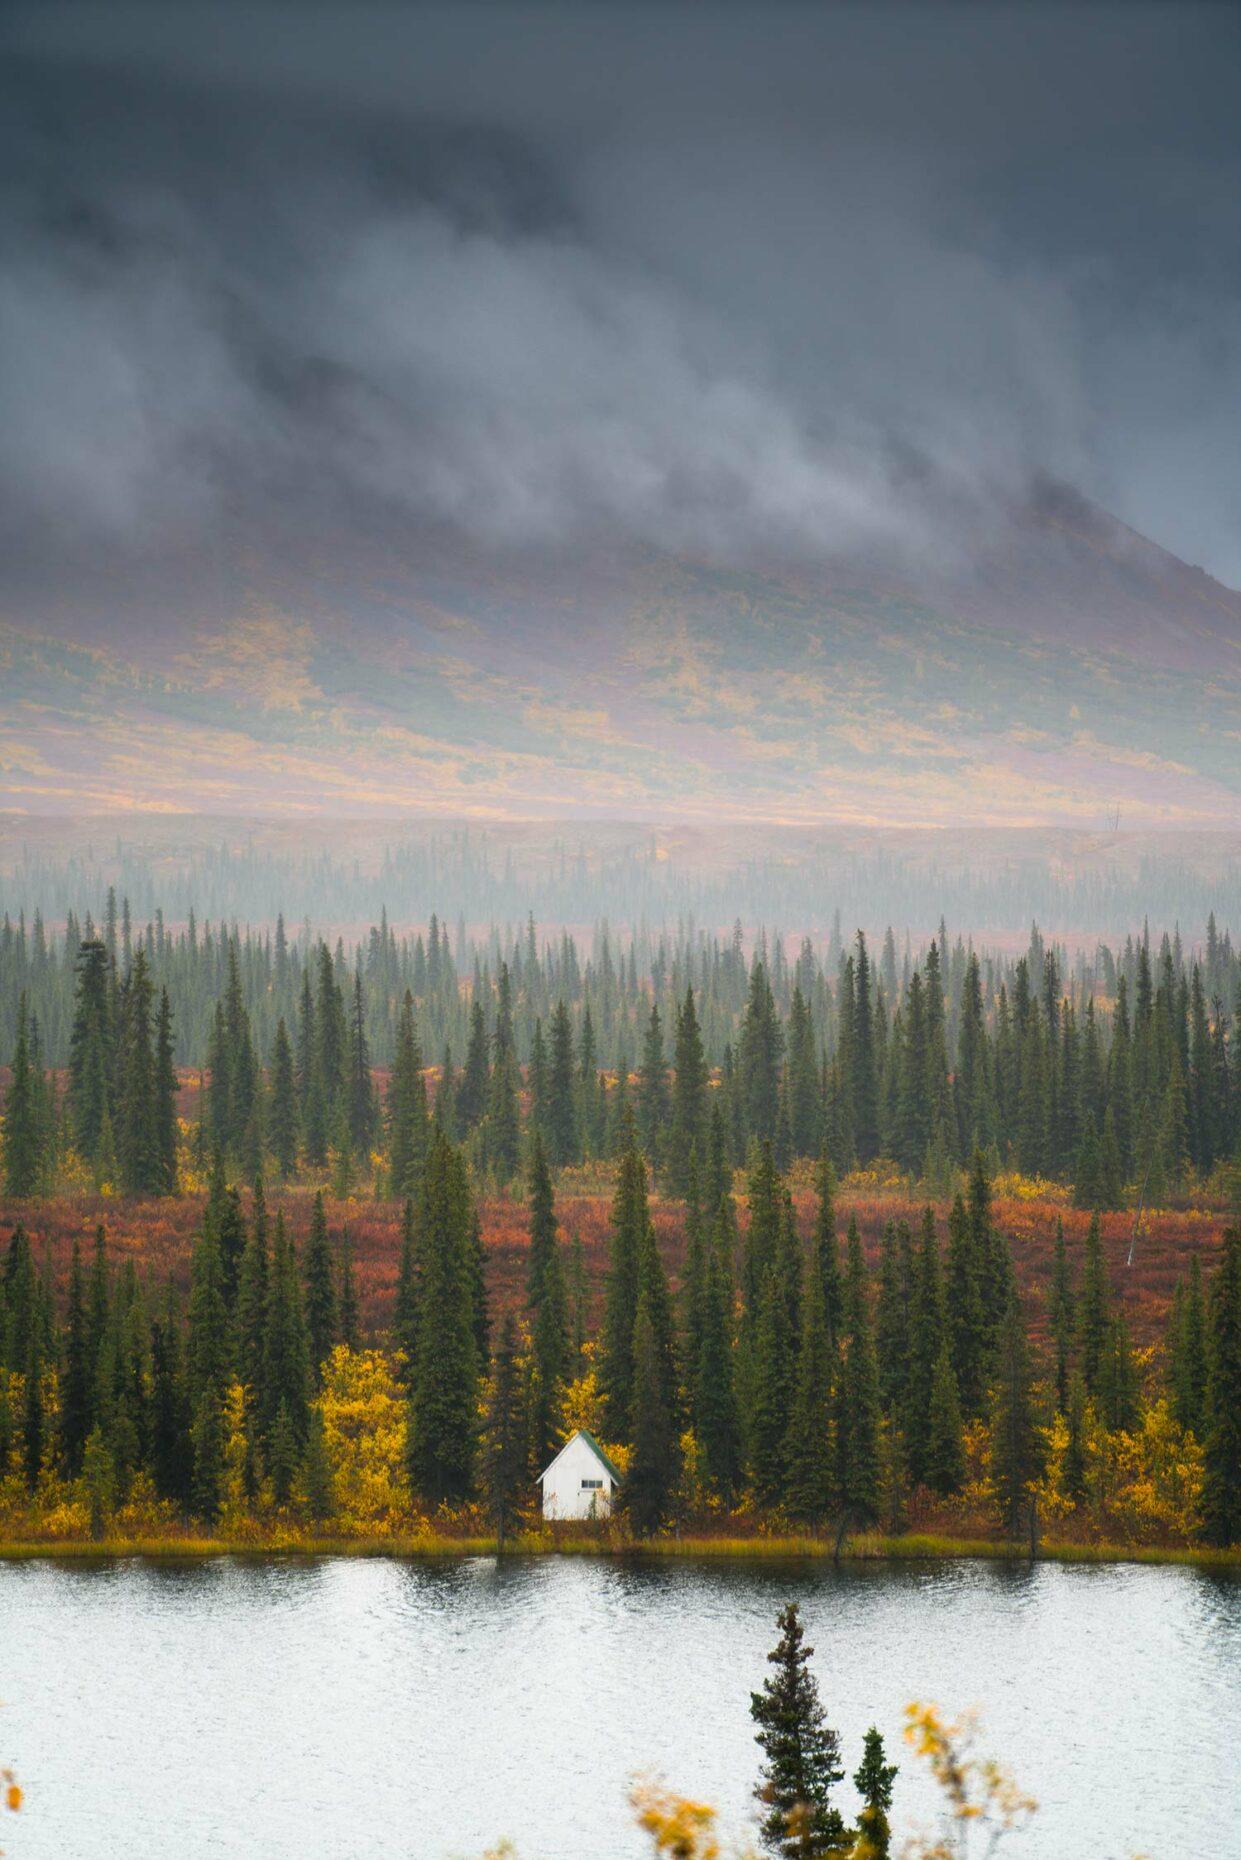 Chris Burkard, Trapper Creek, Alaska